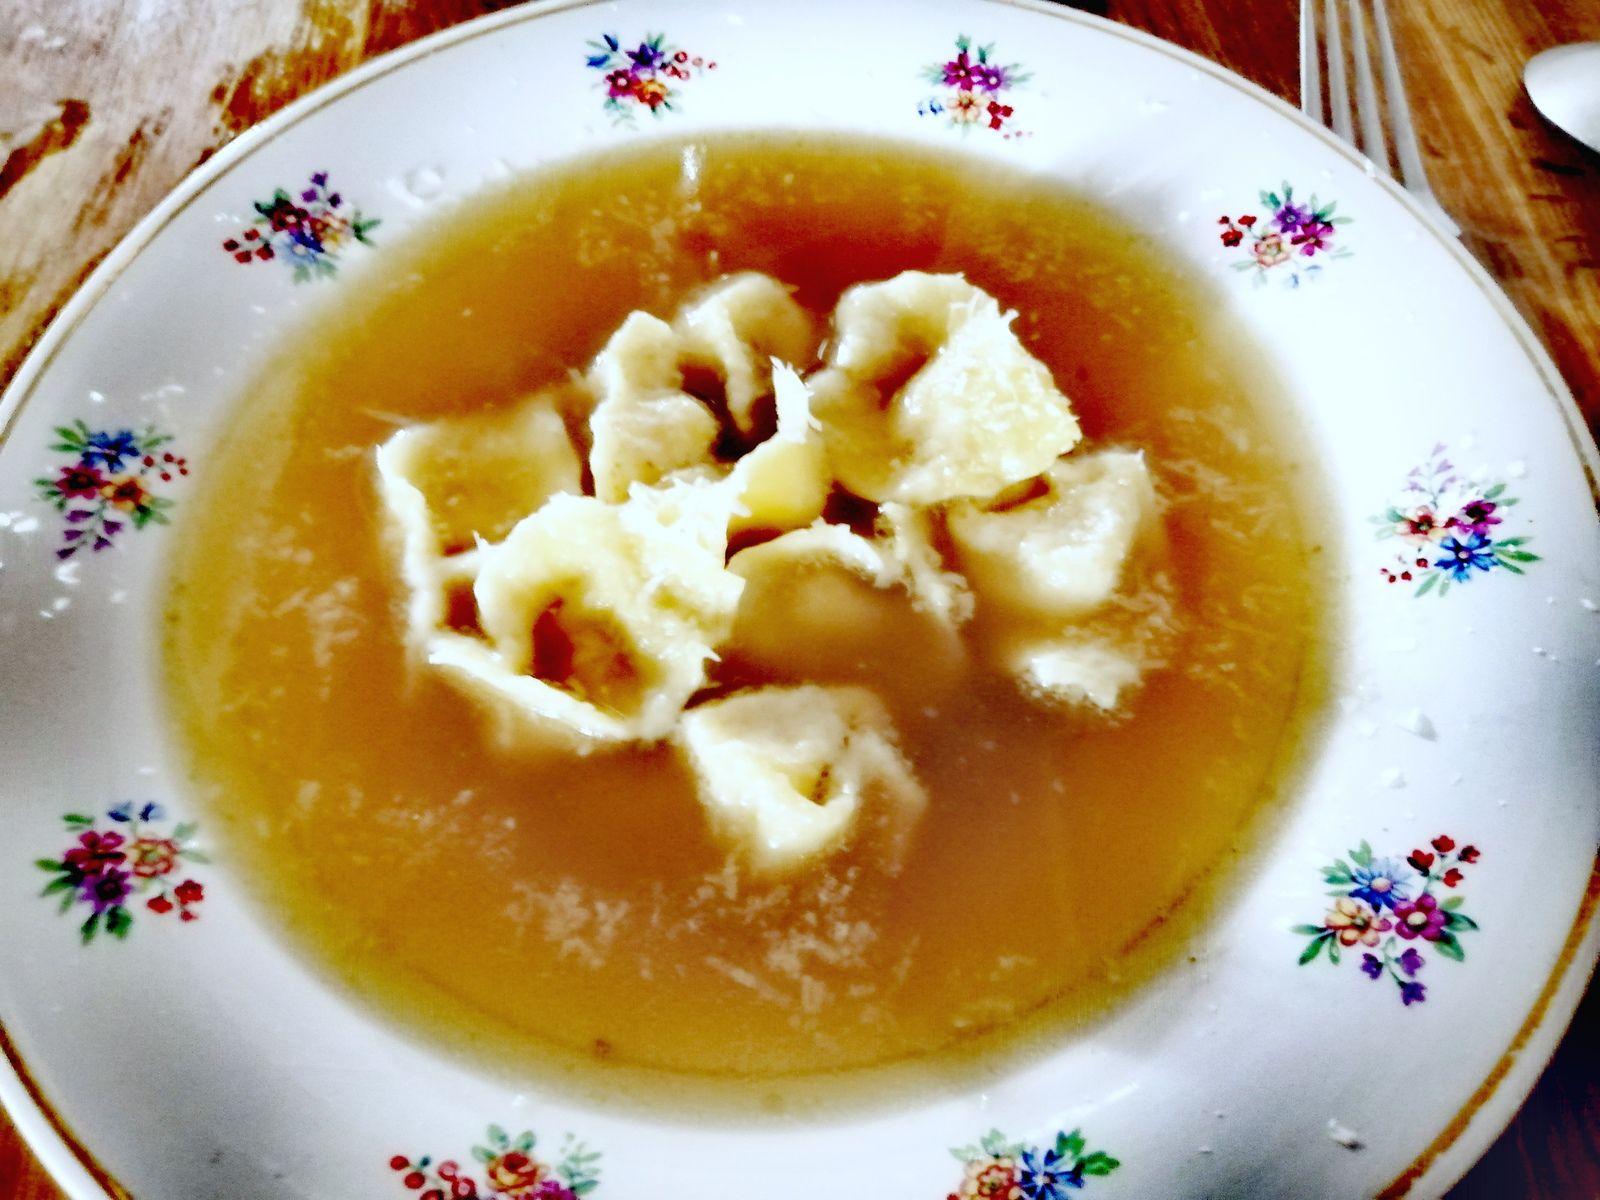 Recette de tortellini au bouillon faits maison